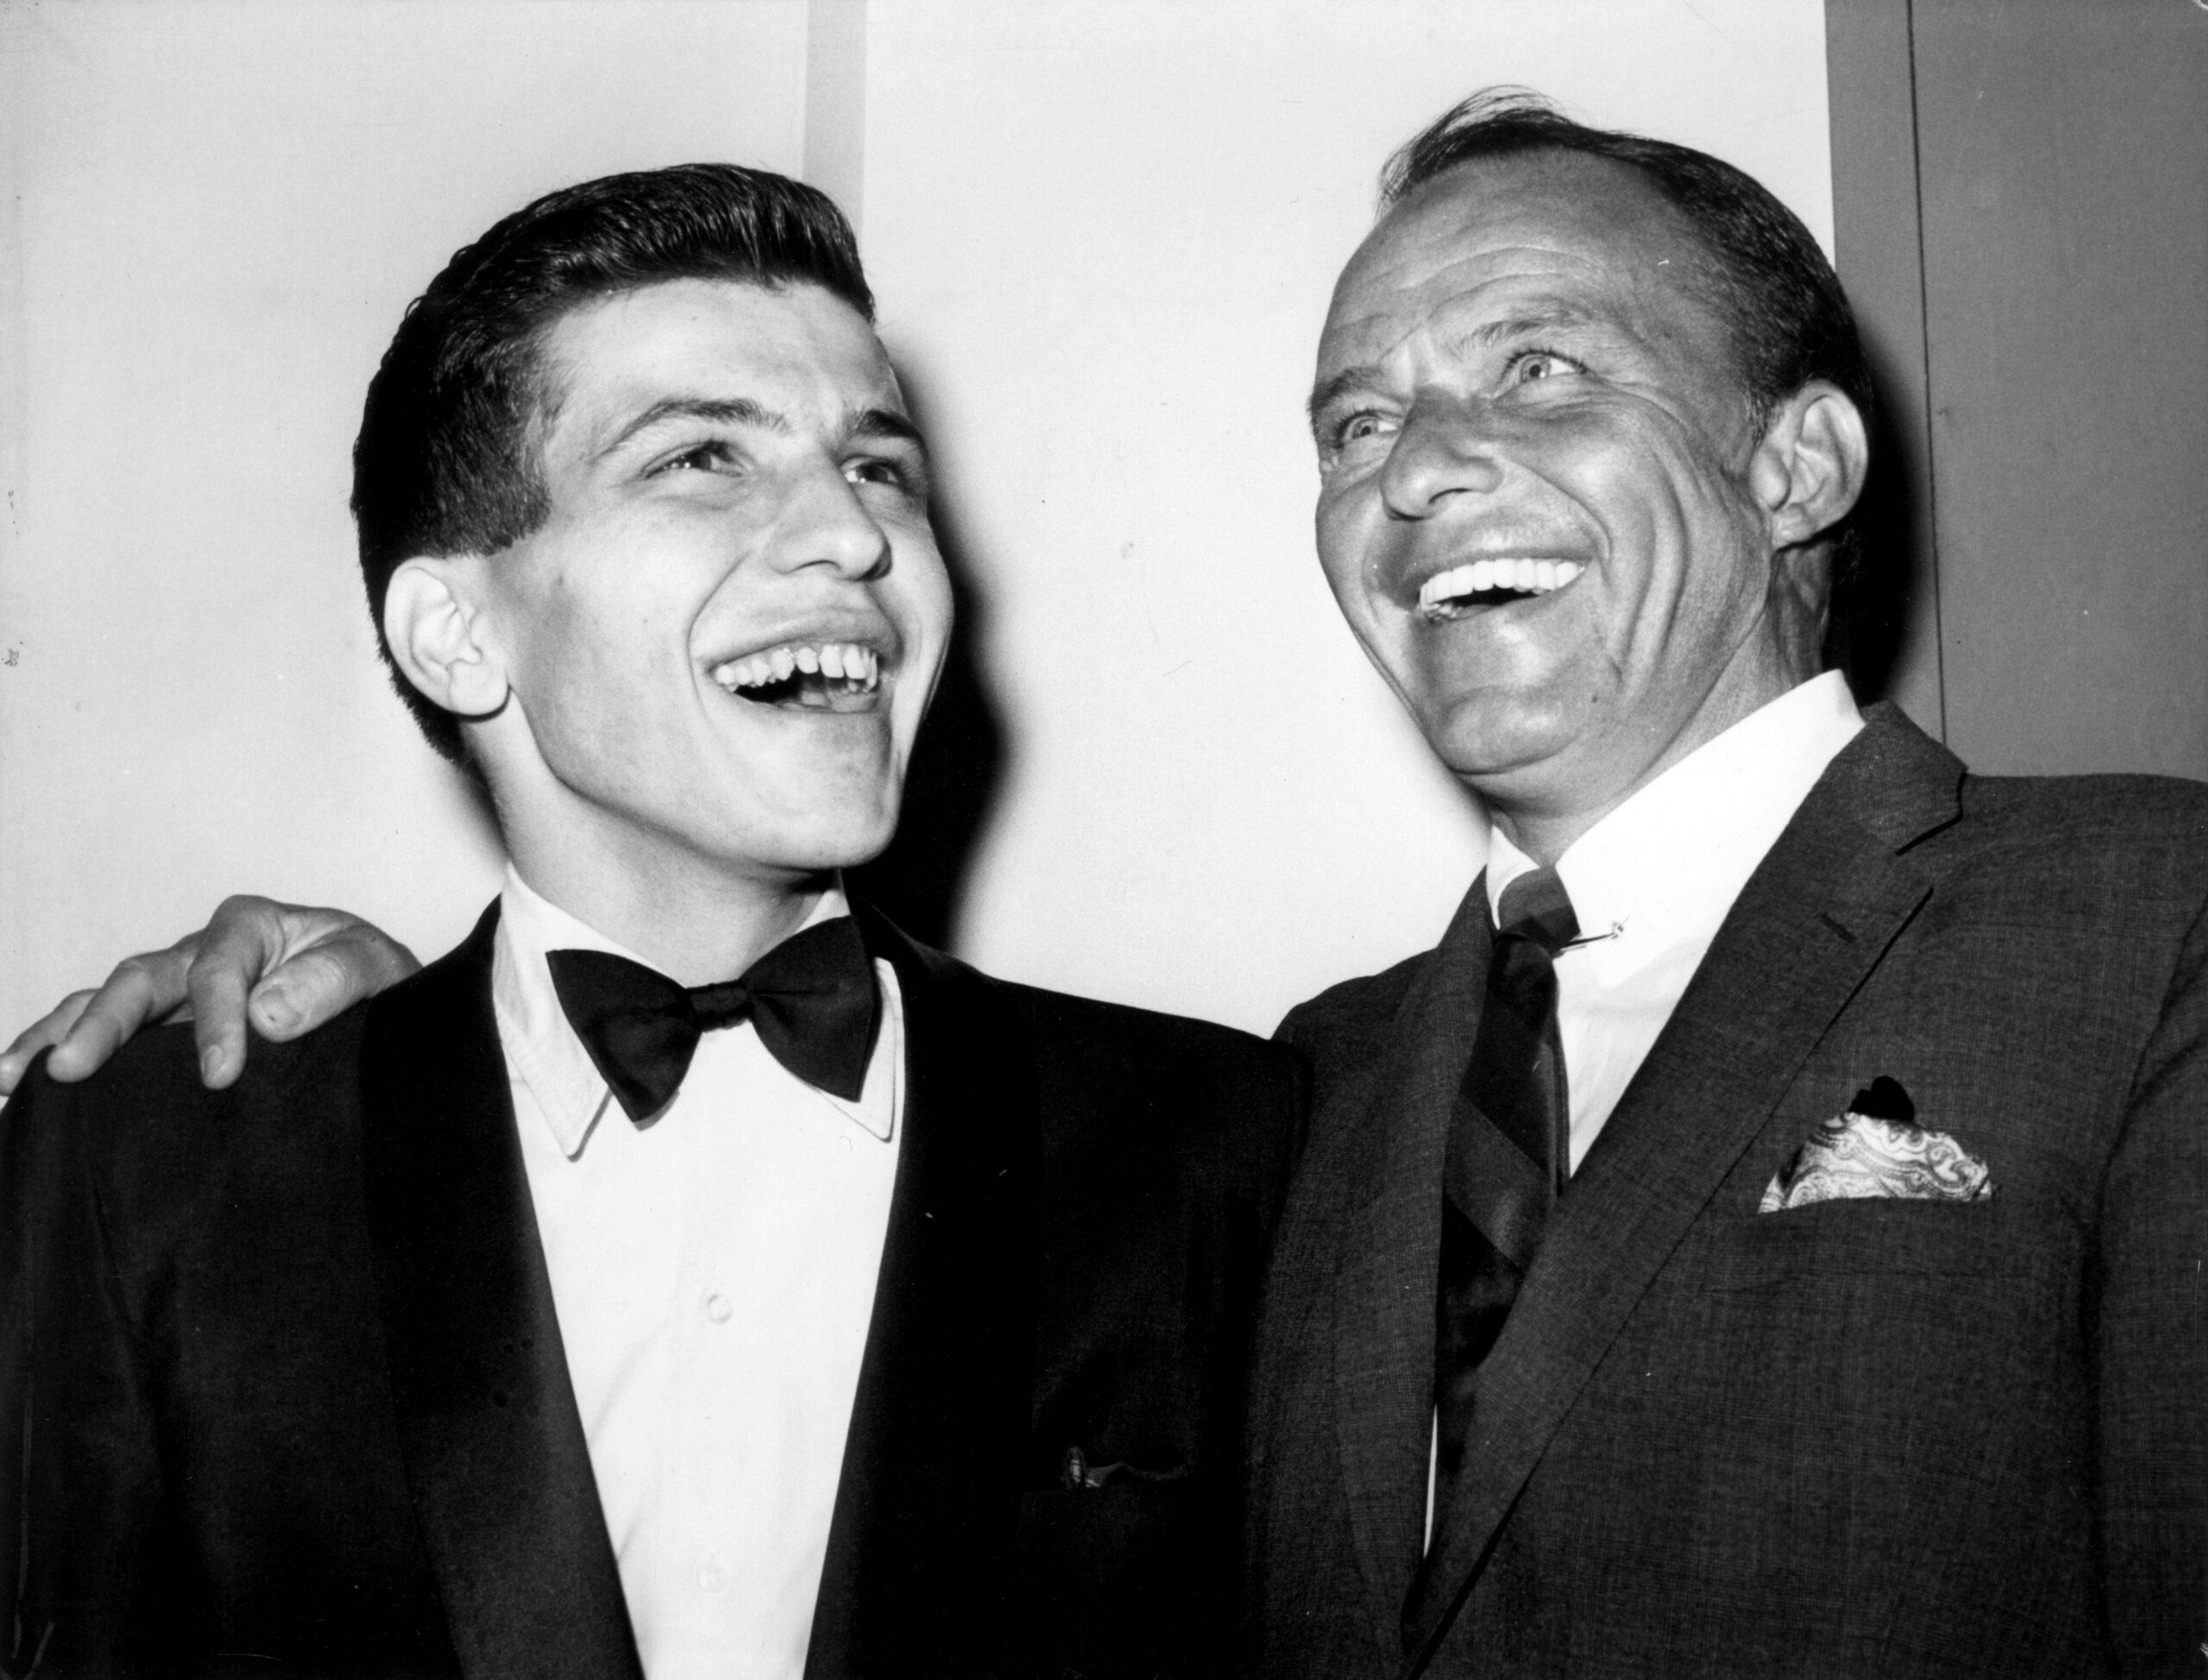 Frank Sinatra, Jr., Frank Sinatra